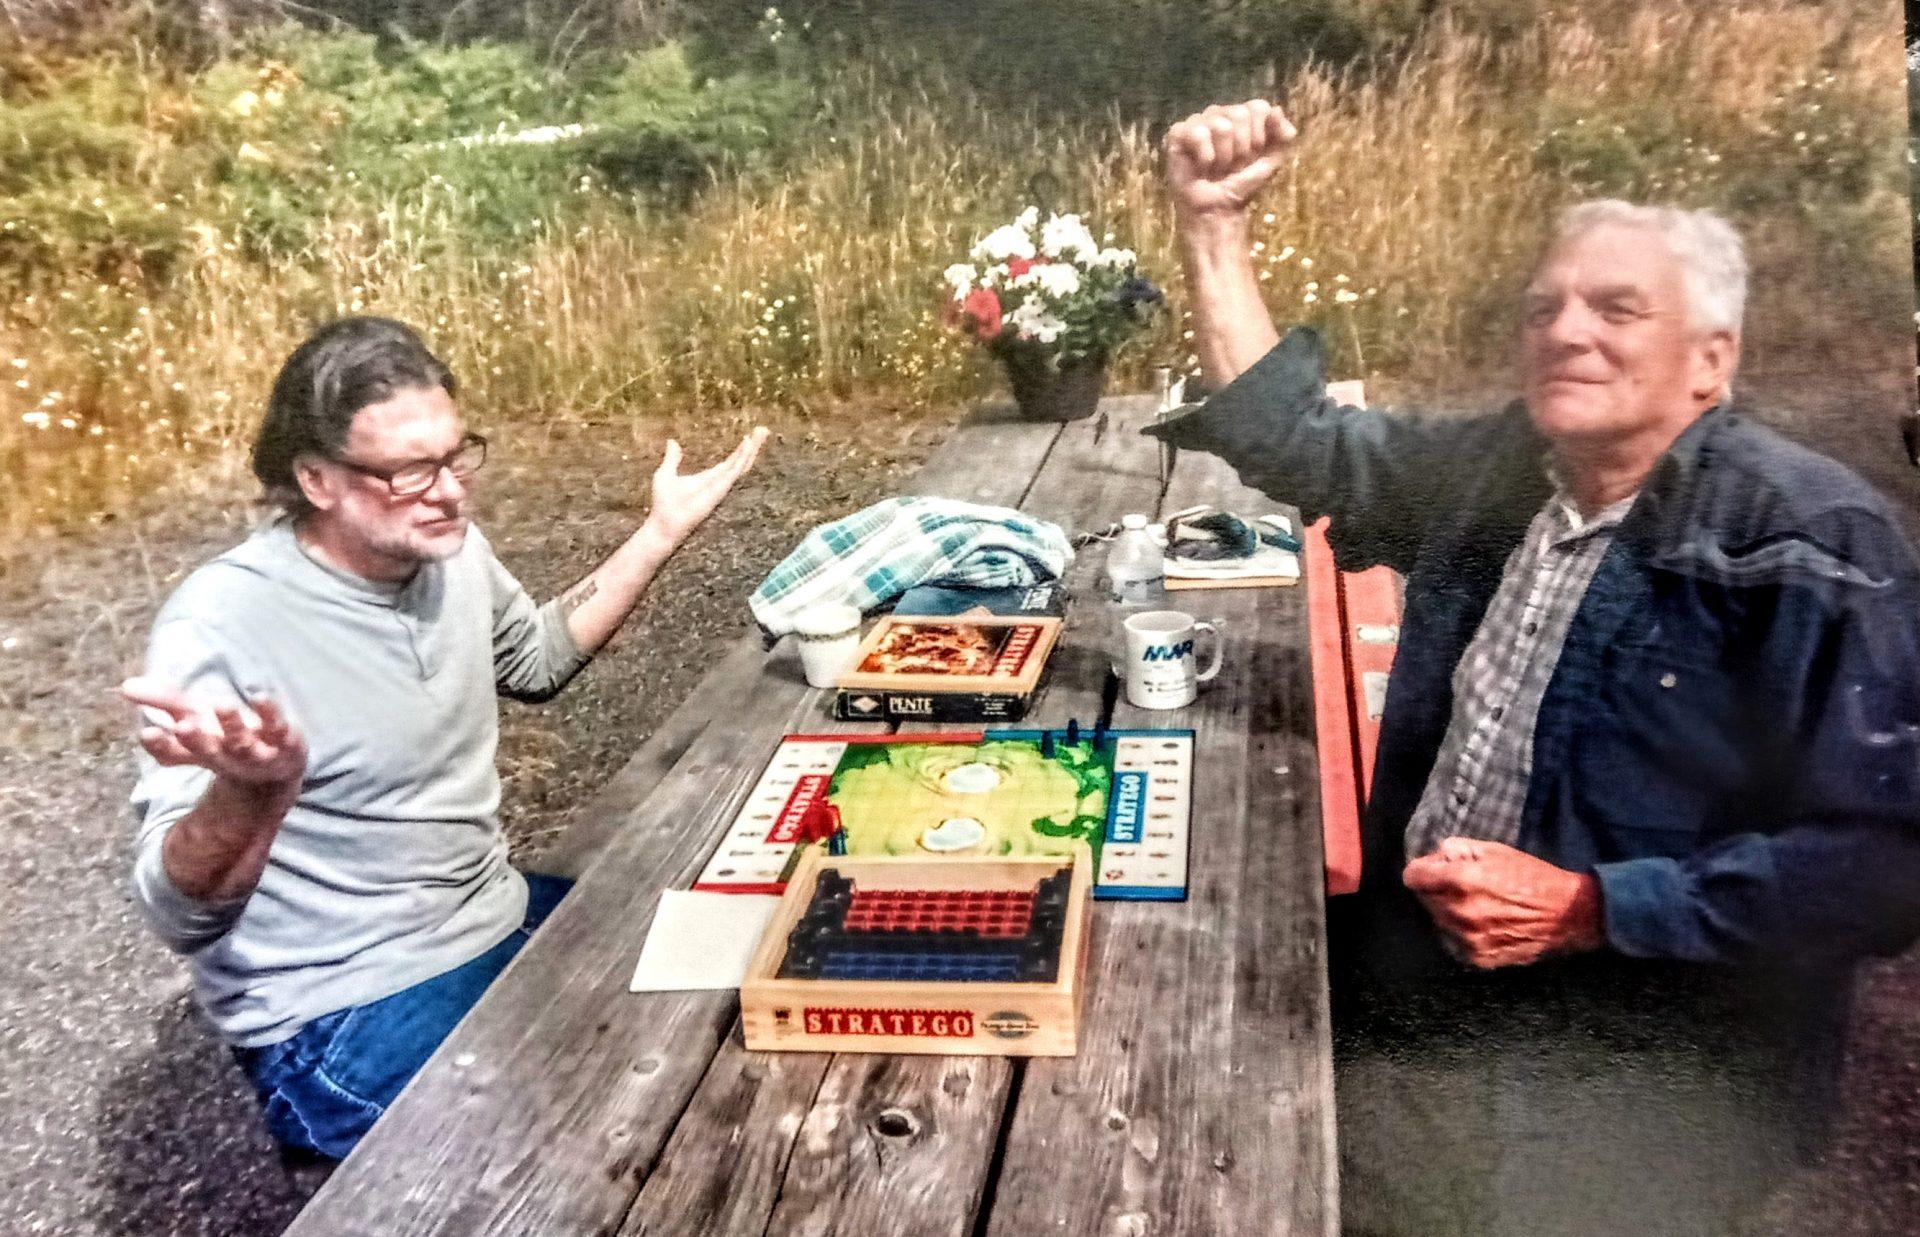 Brian and dad...dad won!